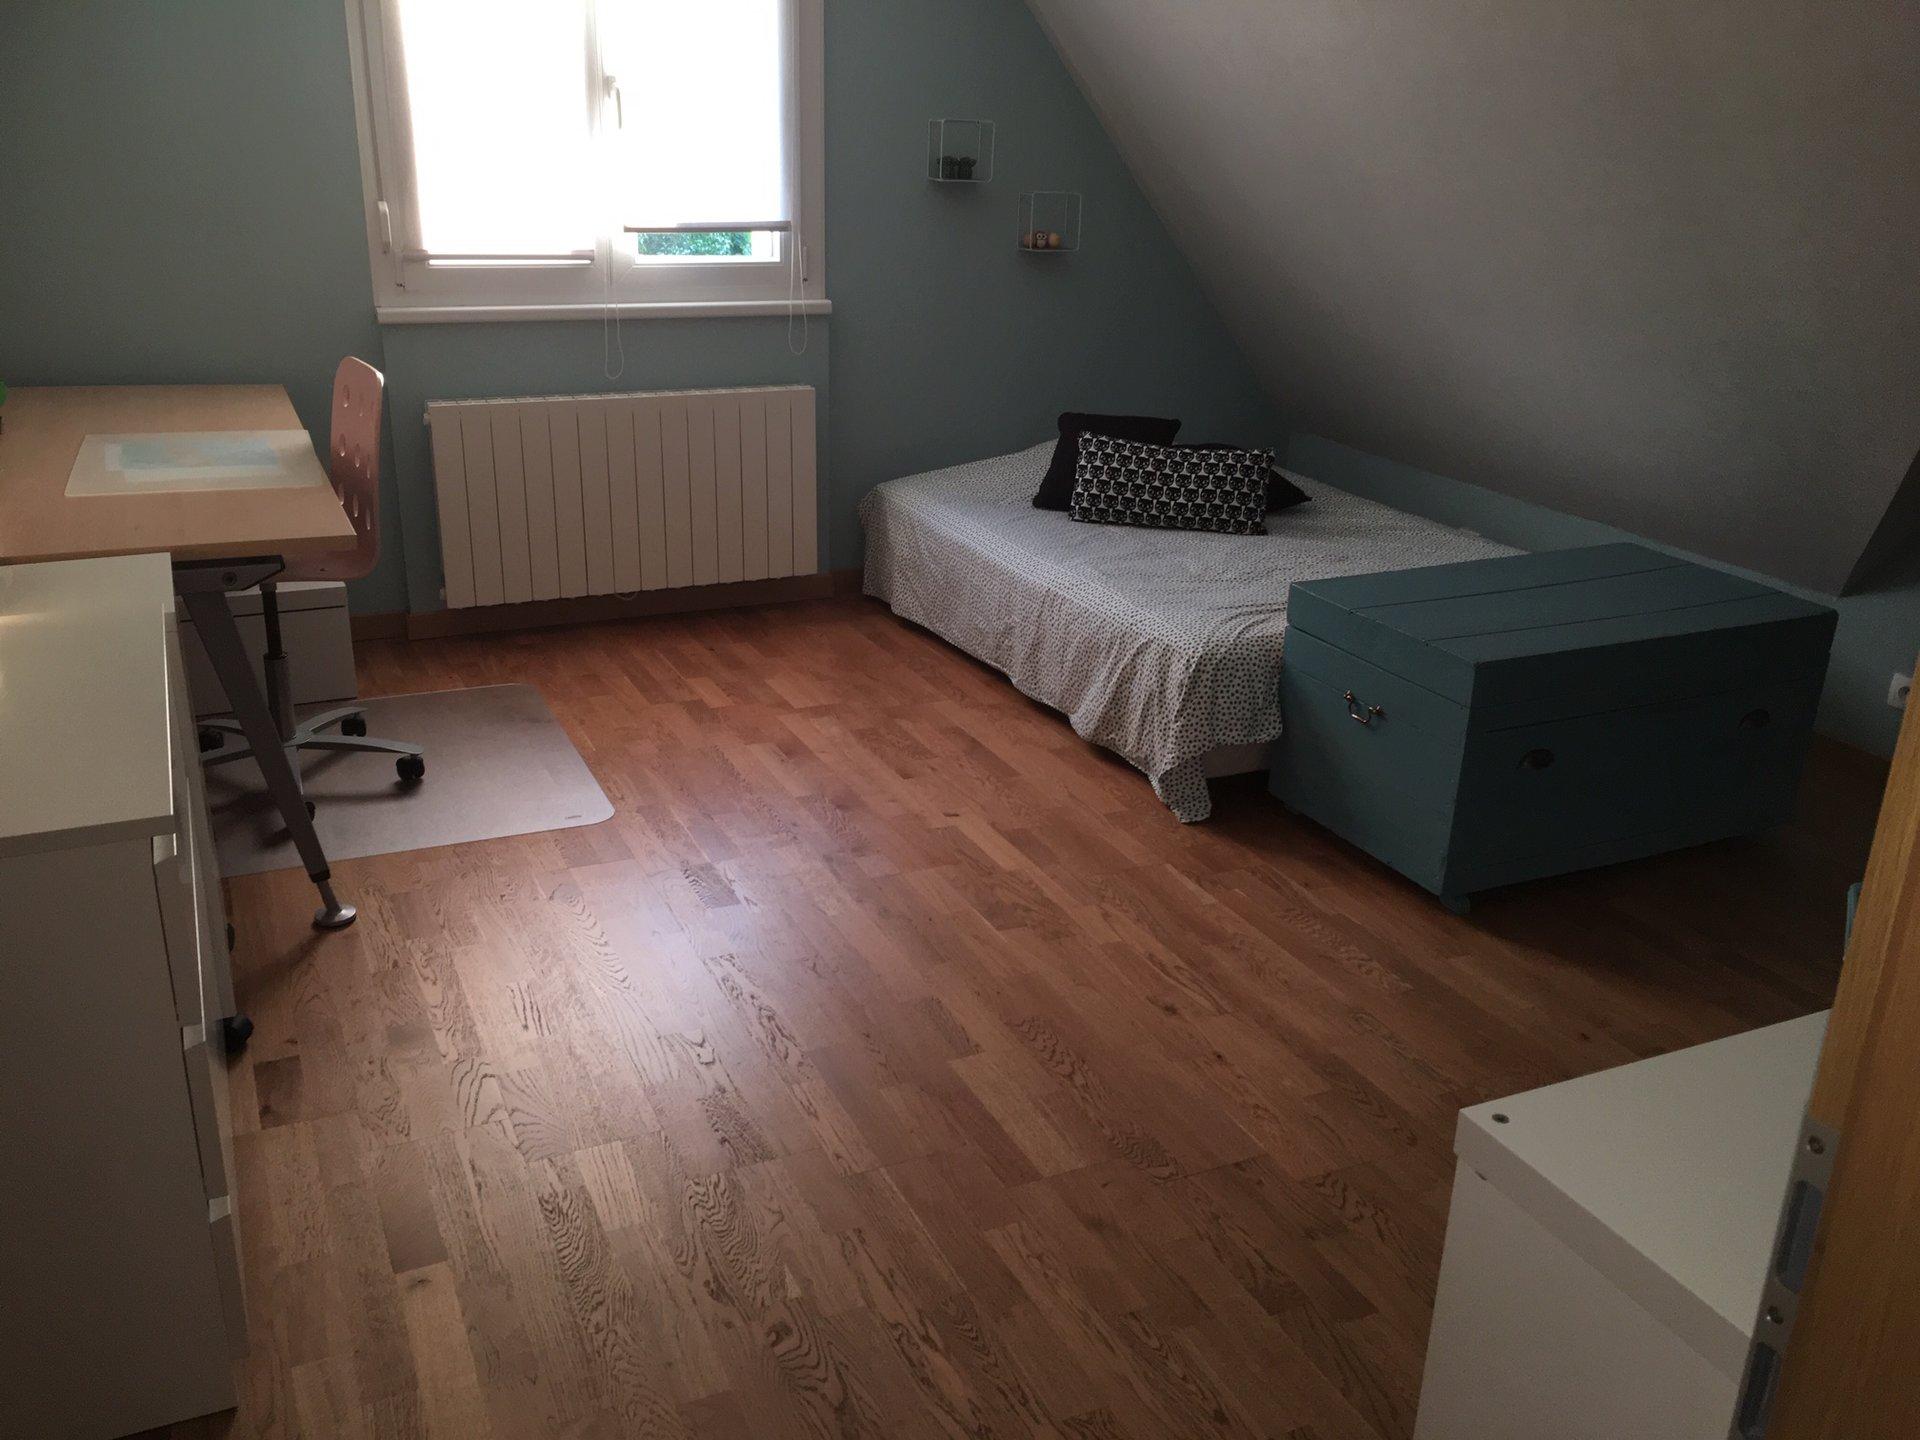 Maison coup de coeur sans travaux 5 chambres - 150 m2